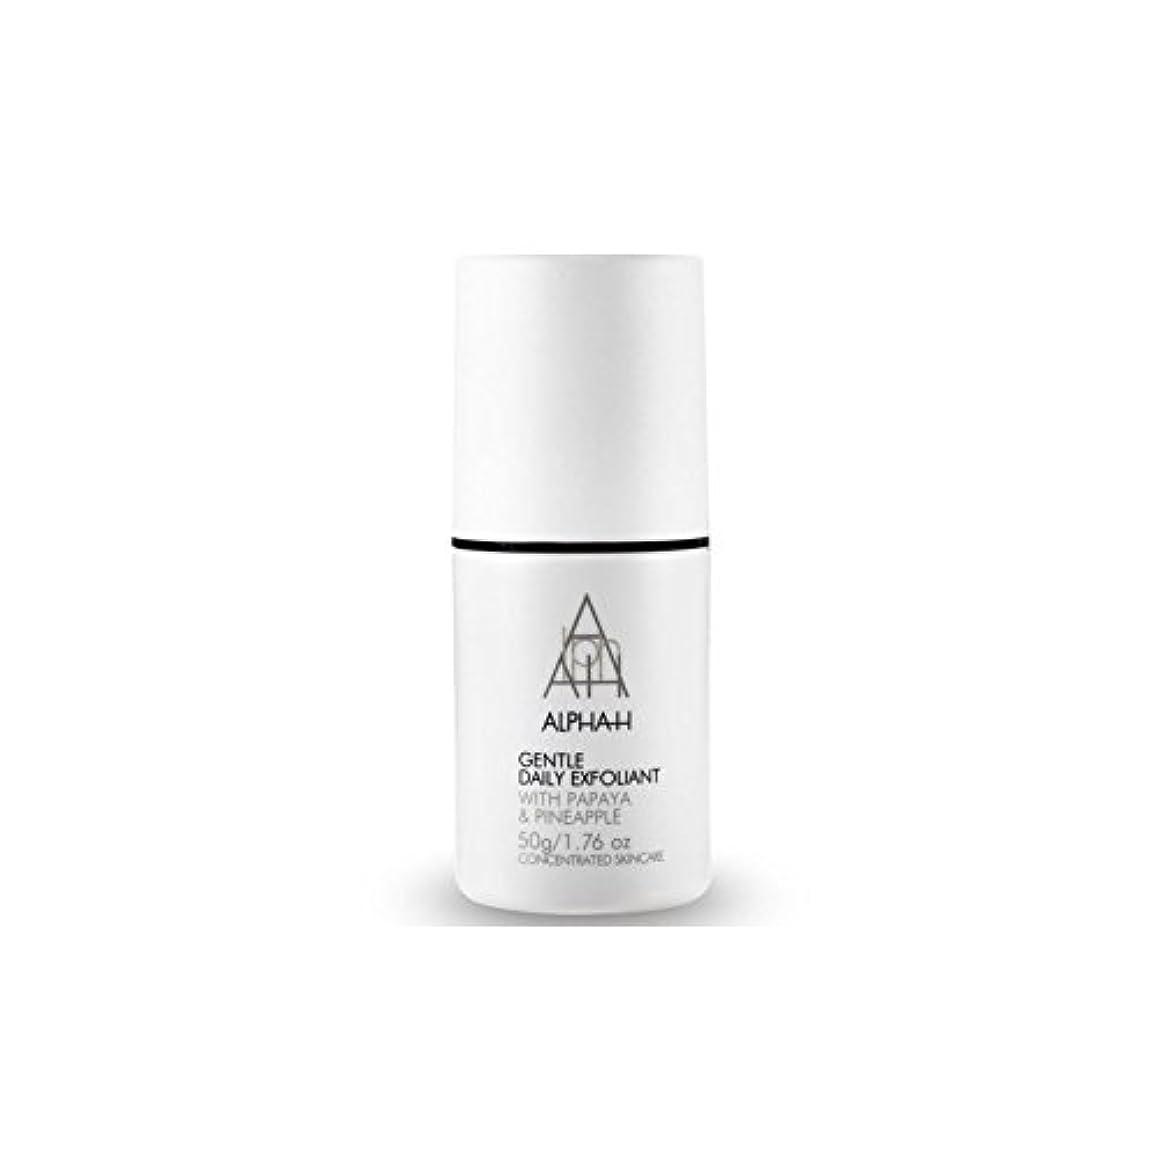 死ぬ誤深遠Alpha-H Gentle Daily Exfoliant (50G) (Pack of 6) - アルファ - 時間穏やか毎日の角質(50グラム) x6 [並行輸入品]